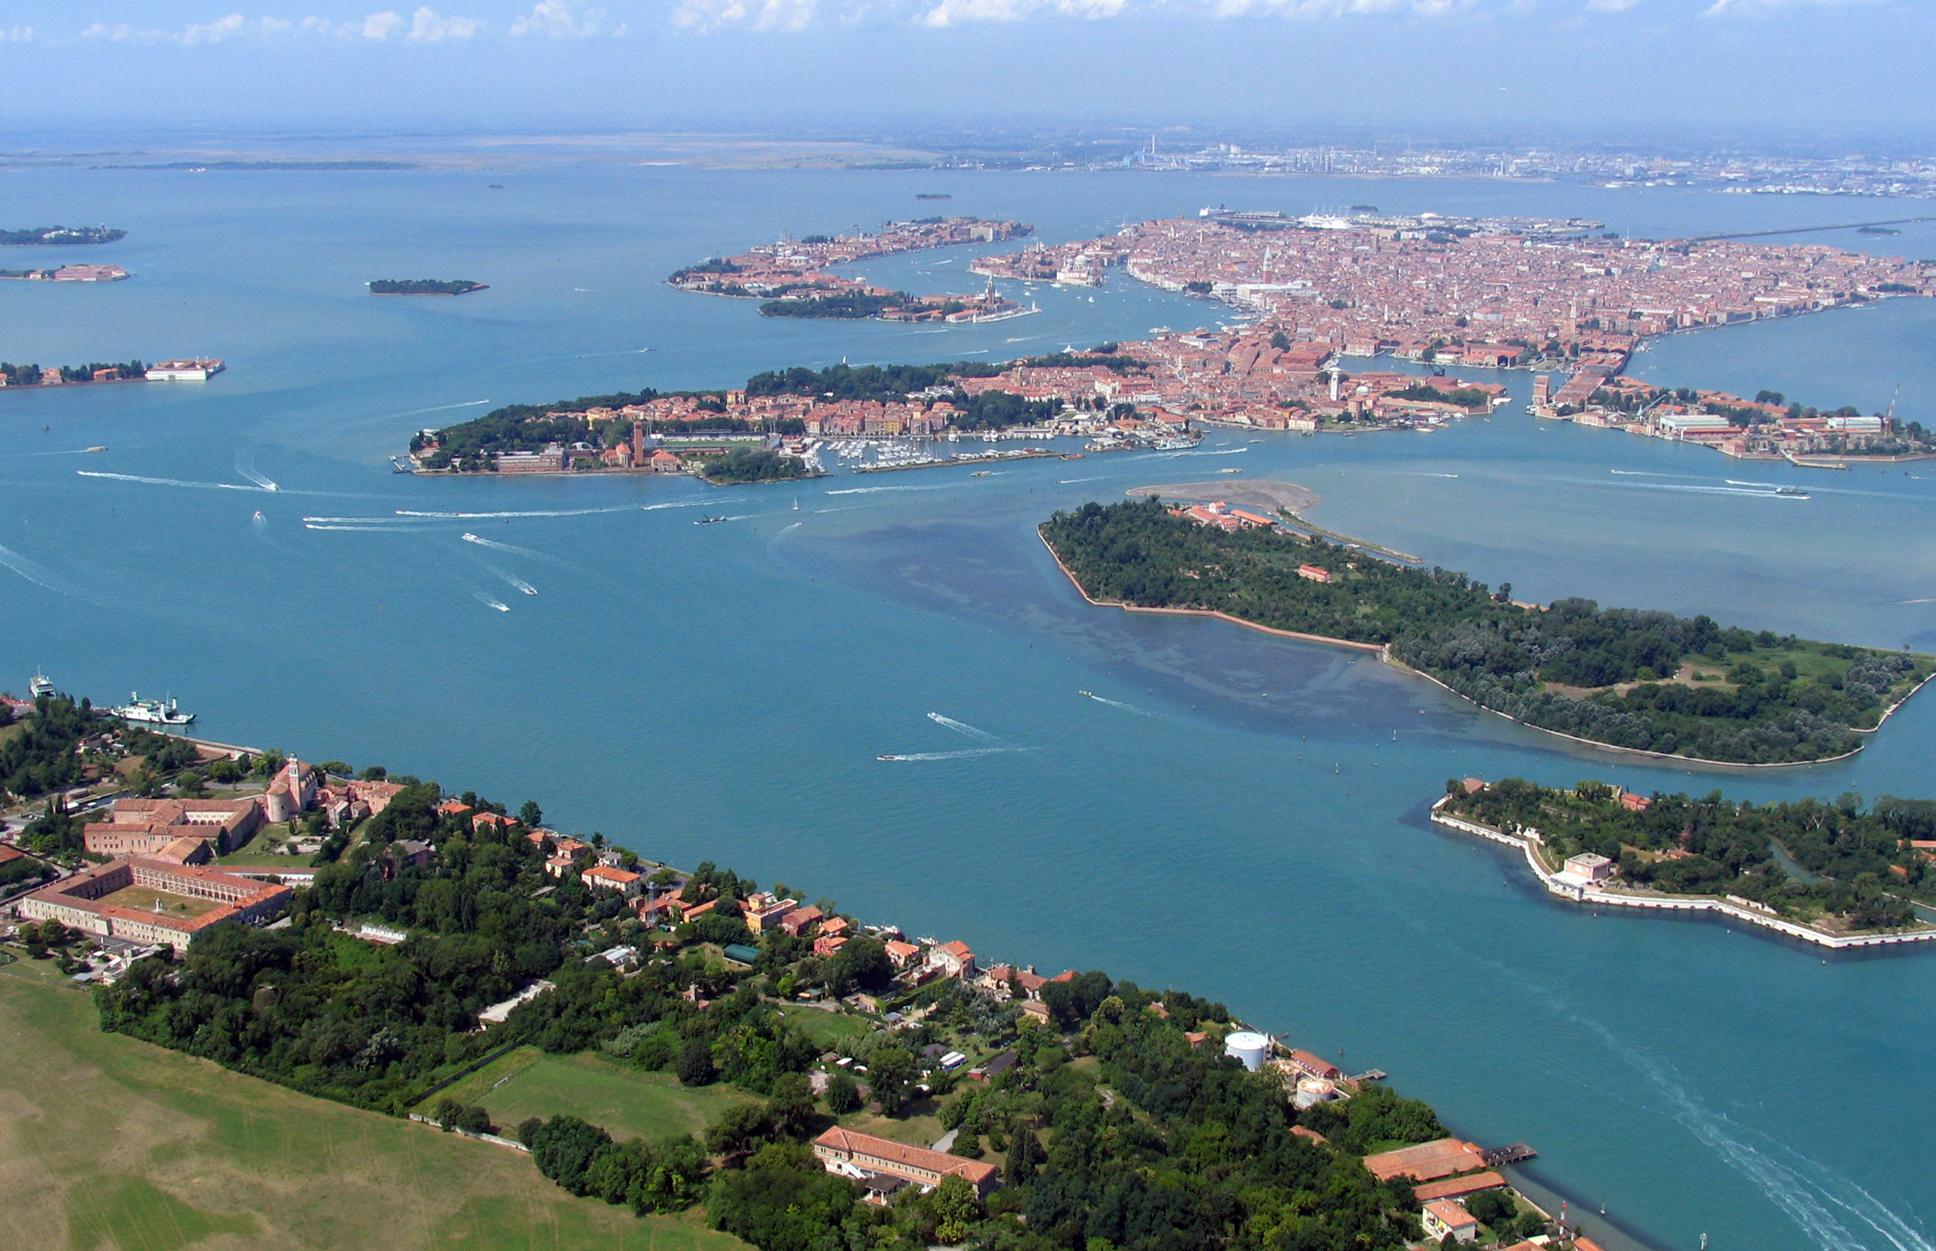 Venezia dall'alto - Autohotel Venezia